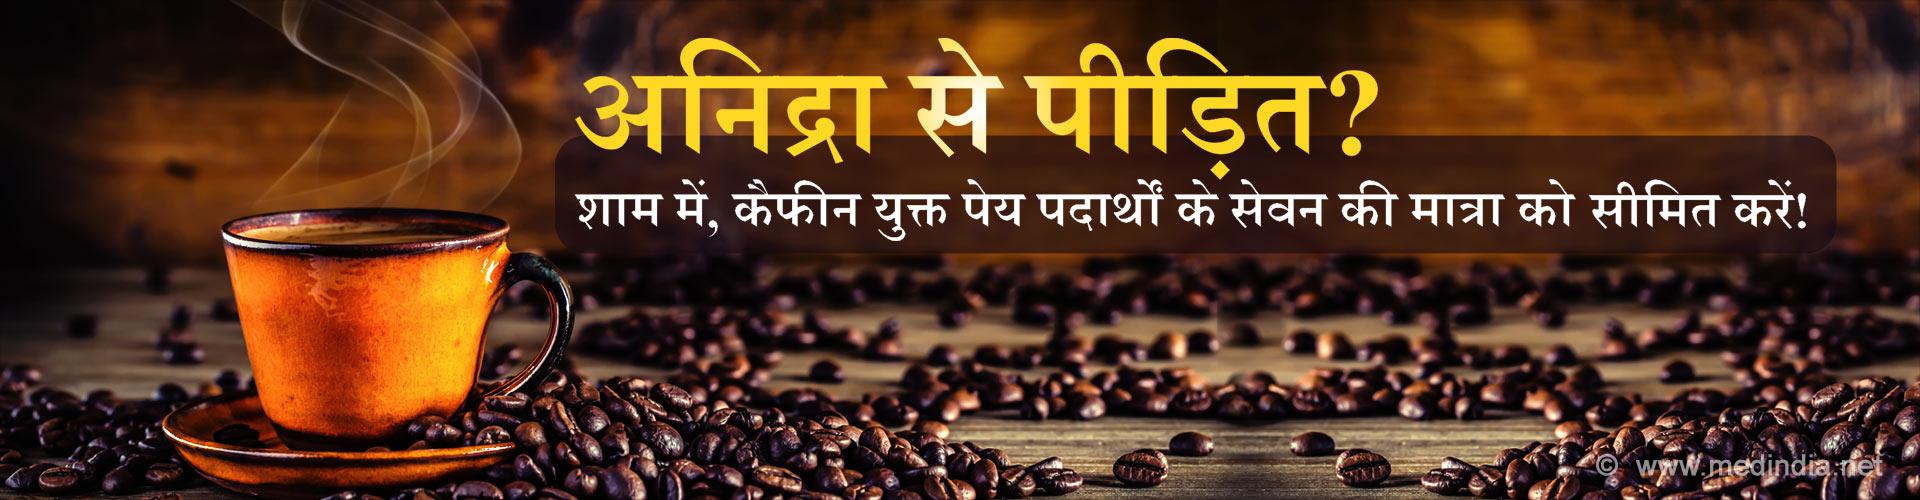 अनिद्रा से पीड़ित? शाम में, कैफीन युक्त पेय पदार्थों के सेवन की मात्रा को सीमित करें!